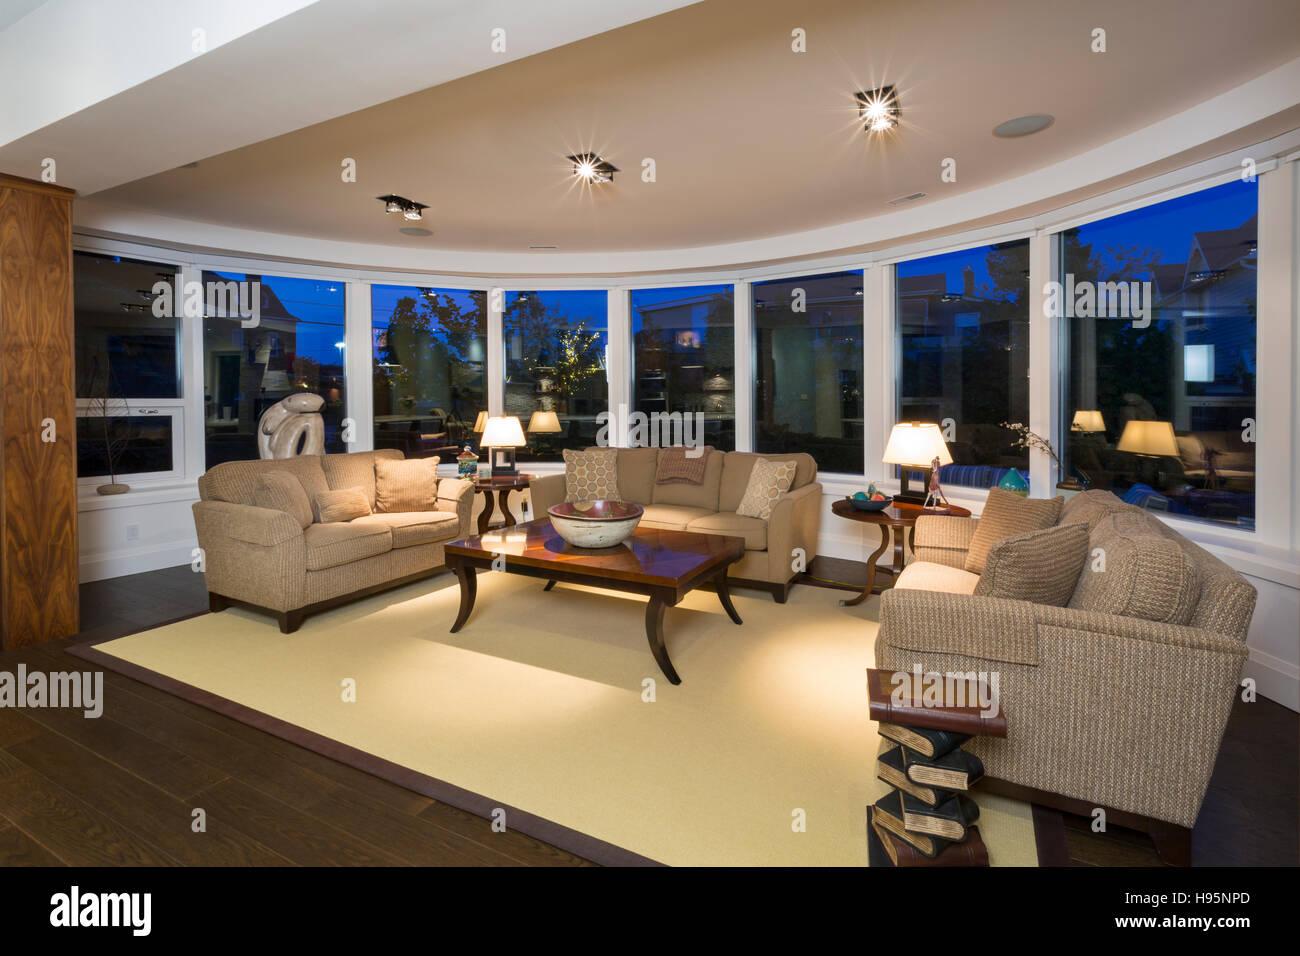 Nordamerika, Kanada, Ontario, Wohnzimmer mit runden Wand Stockbild